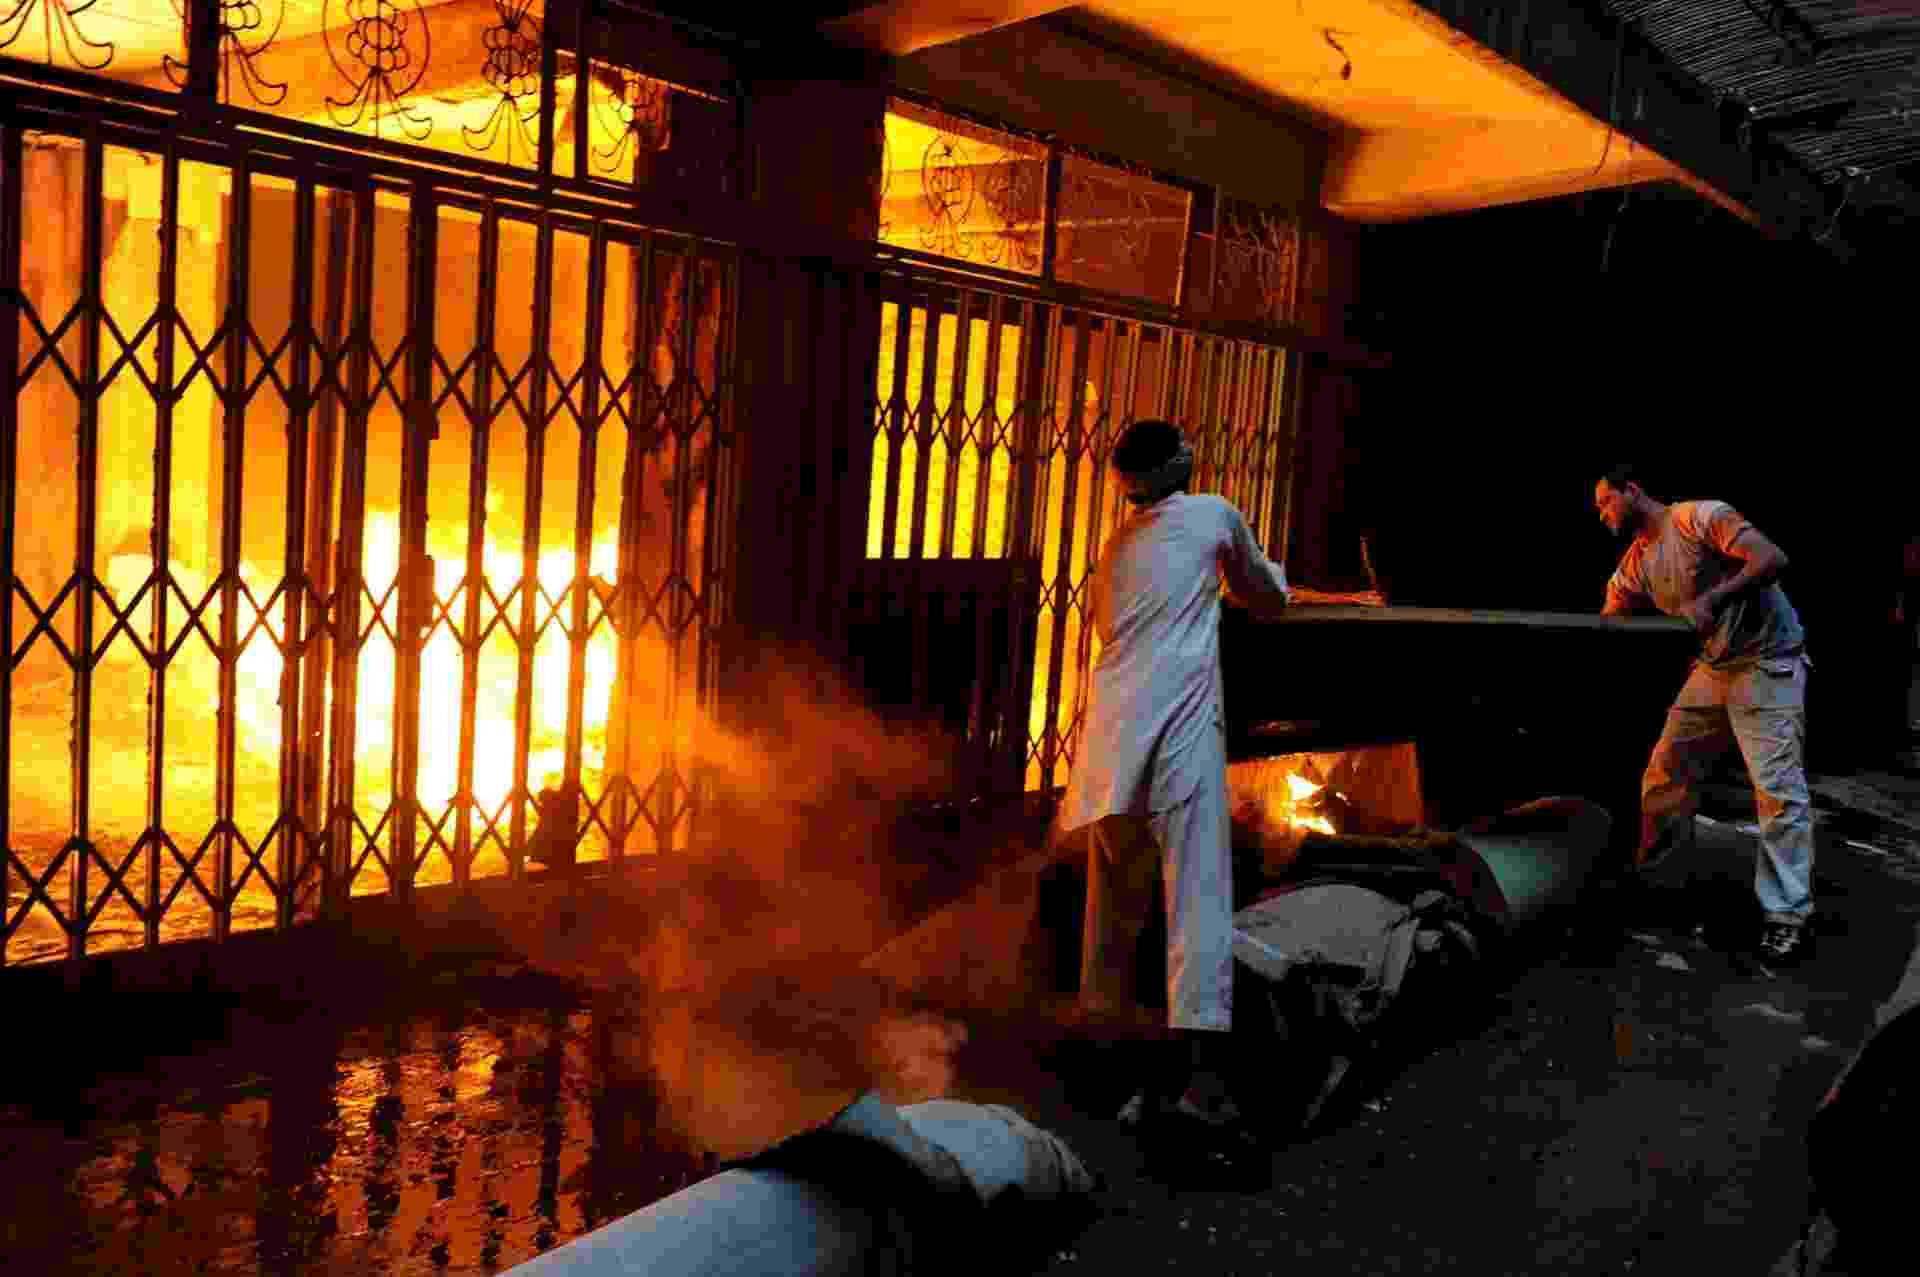 17.ago.2013 - Proprietários tentam, em vão, conter incêndio que destrói lojas de ouro e carpetes em mercado de Mazar-i Sharif, no Afeganistão. - Farshad Usyan/AFP